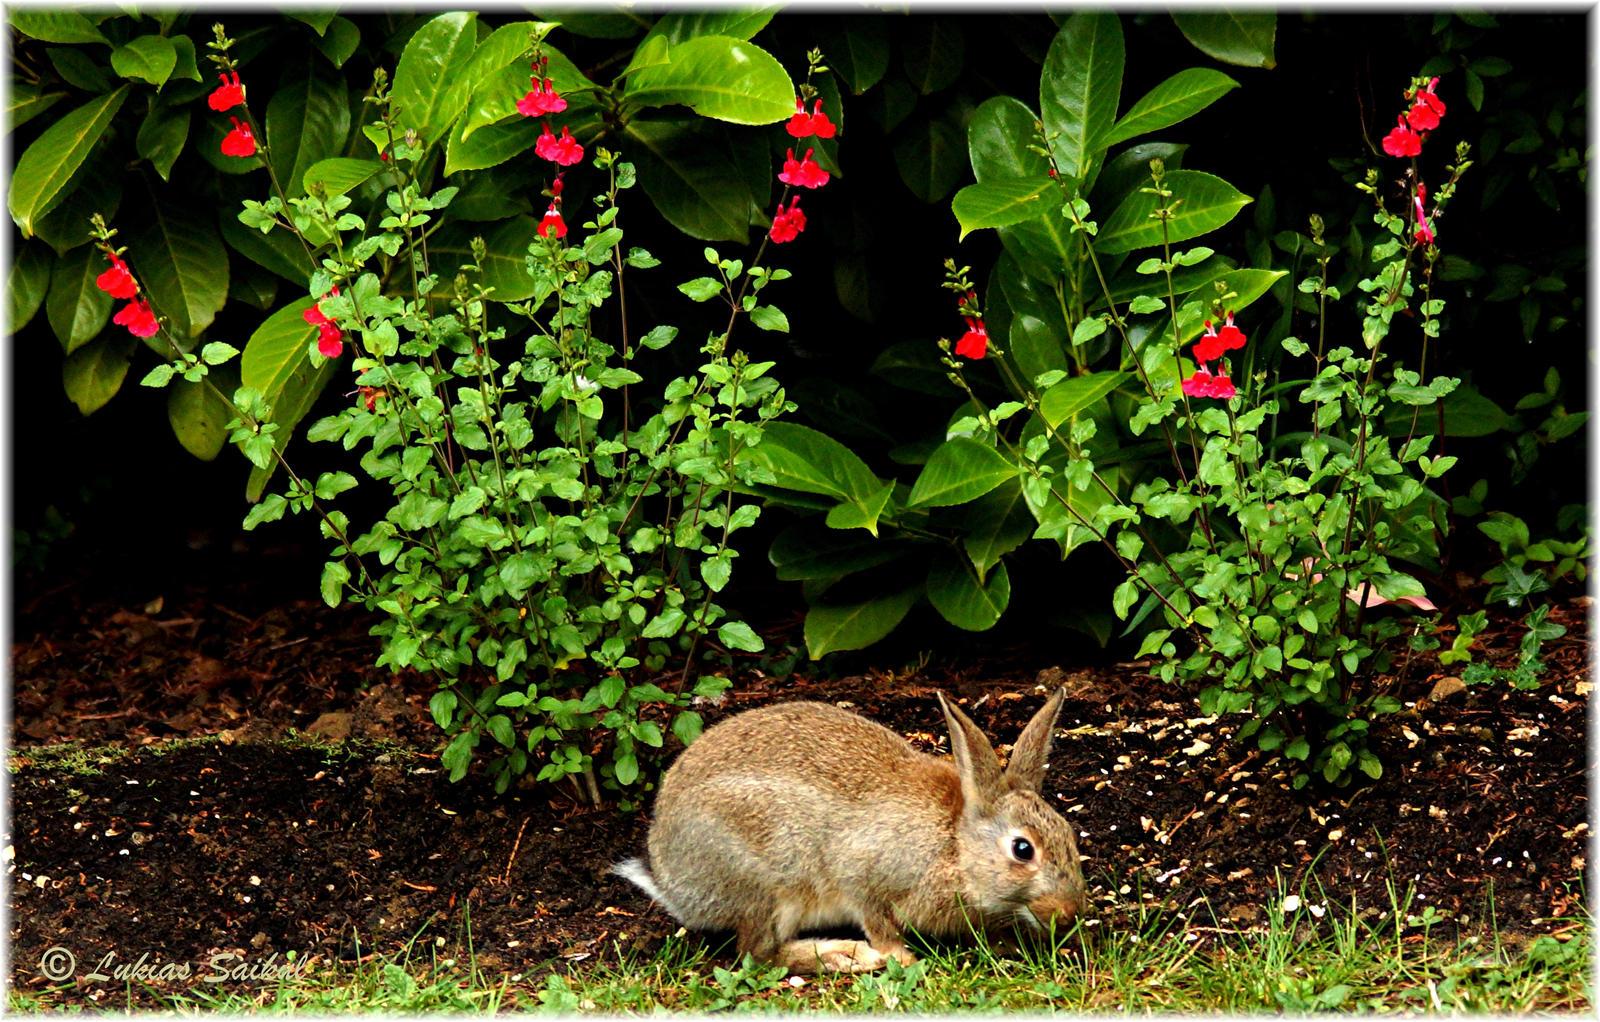 Backyard Wildlife VI by lukias-saikul